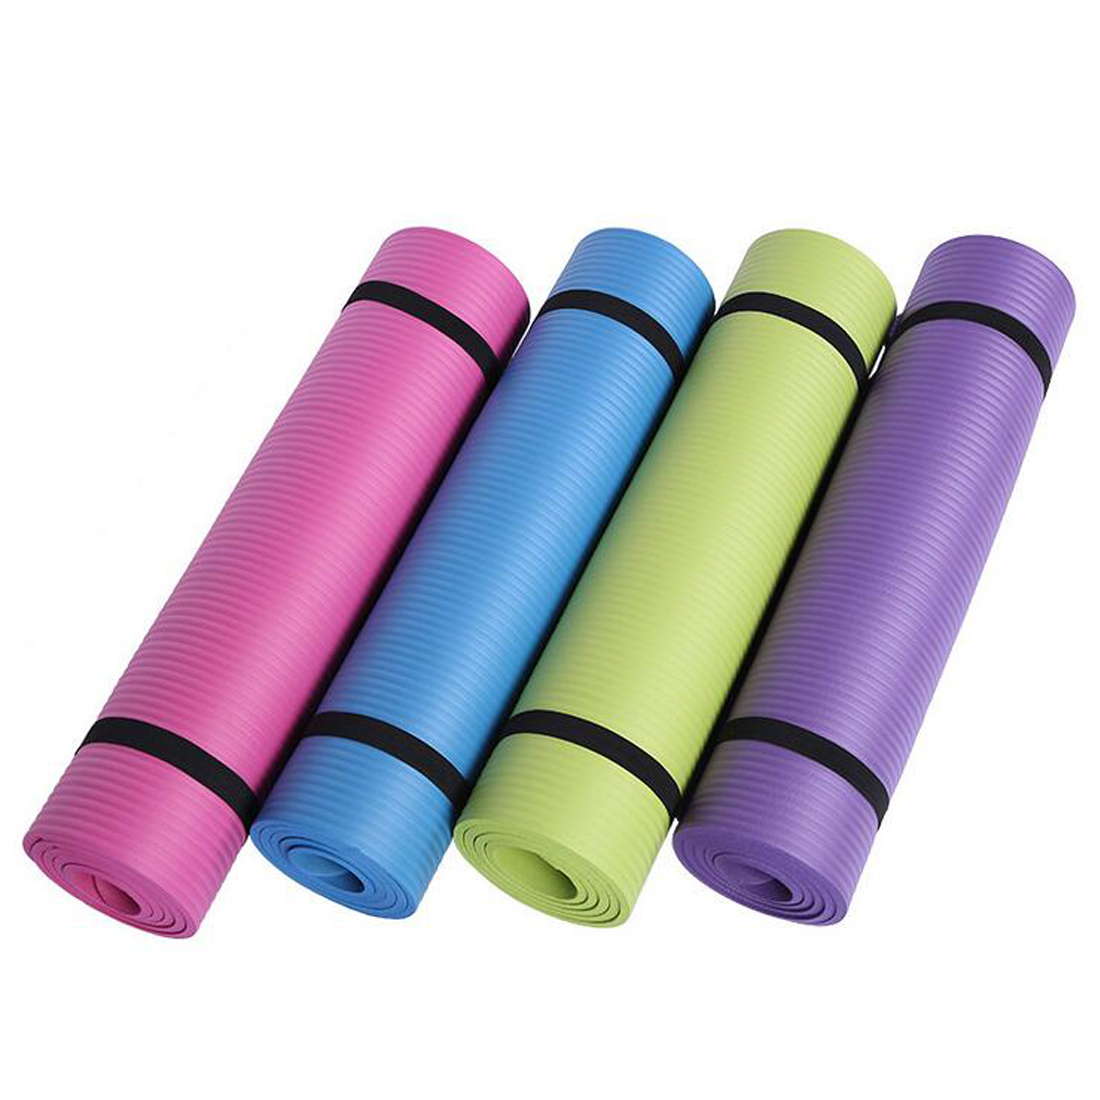 Acheter Tapis Pad Antidérapant Perdre Du Poids Exercice de Remise En Forme gymnastique de pliage tapis 10mm Épais exercice De Yoga de yoga yoga fiable fournisseurs